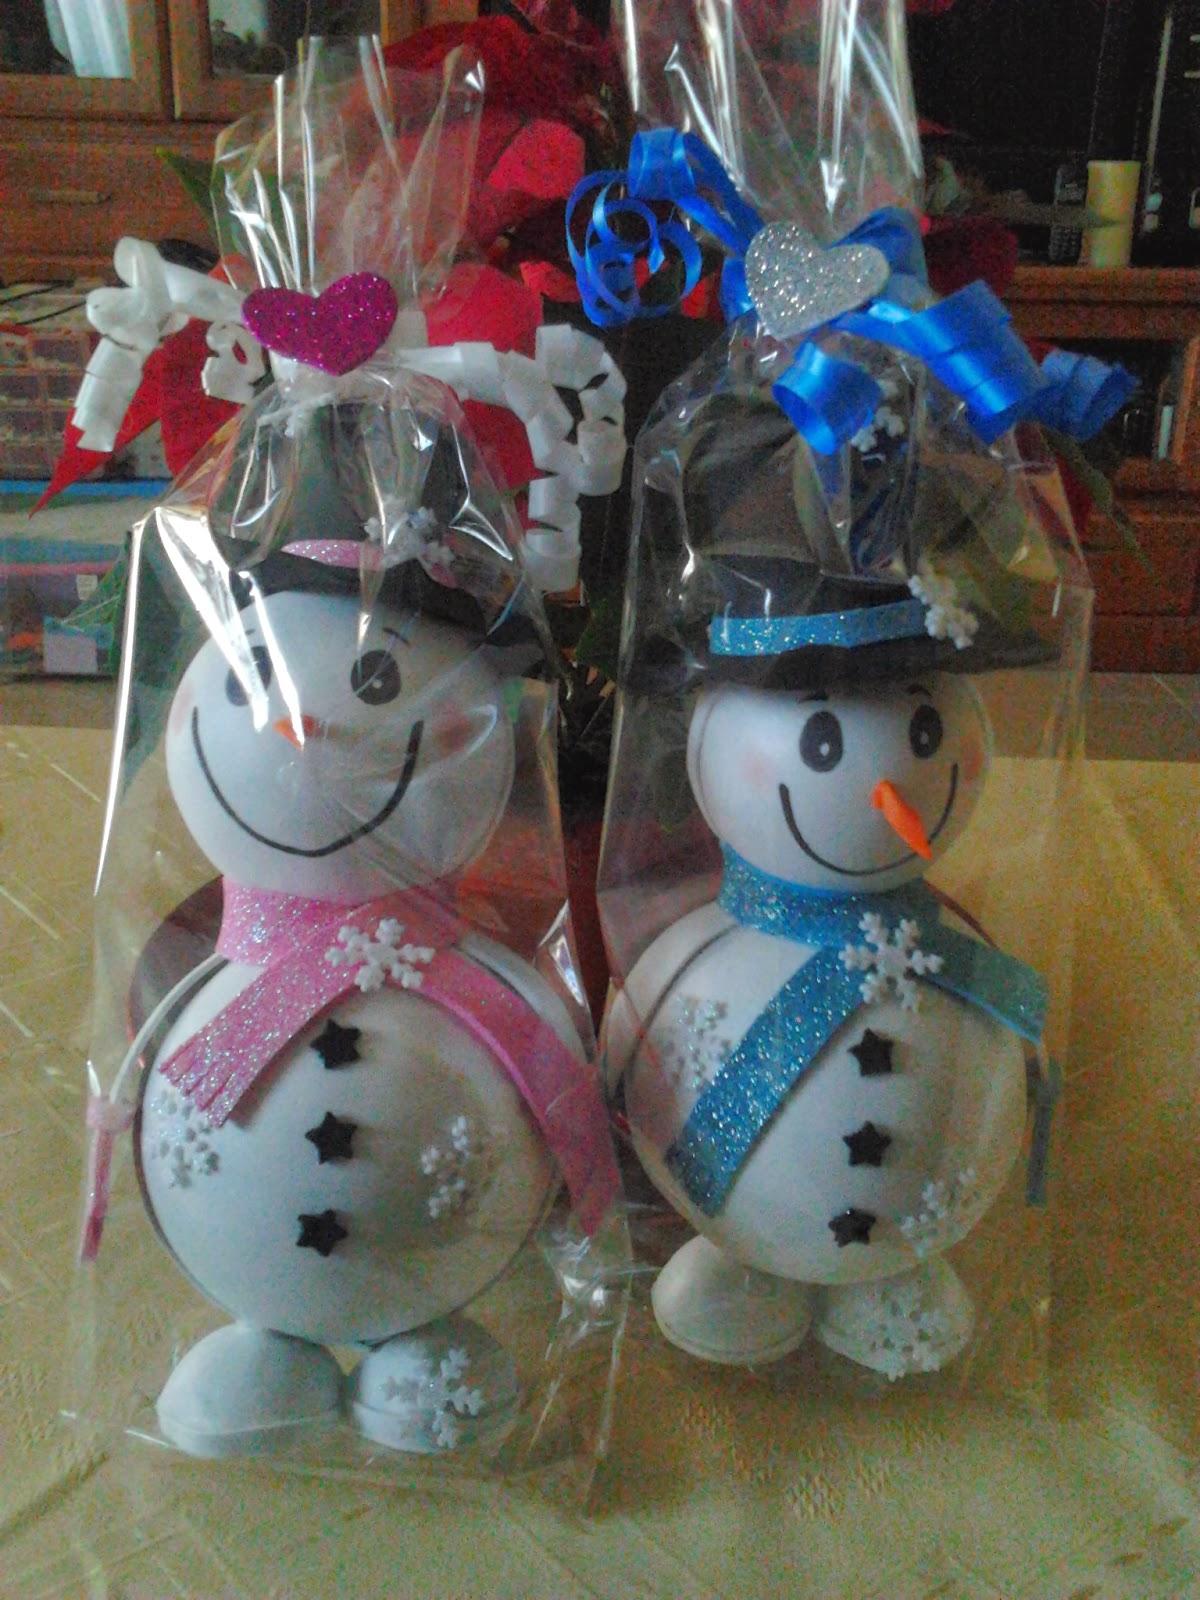 b0542febff9 Manualidades luna llena fofuchas navideñas otras cosillas de navidad jpg  1200x1600 Muñeco de nieve fofuchas navidad